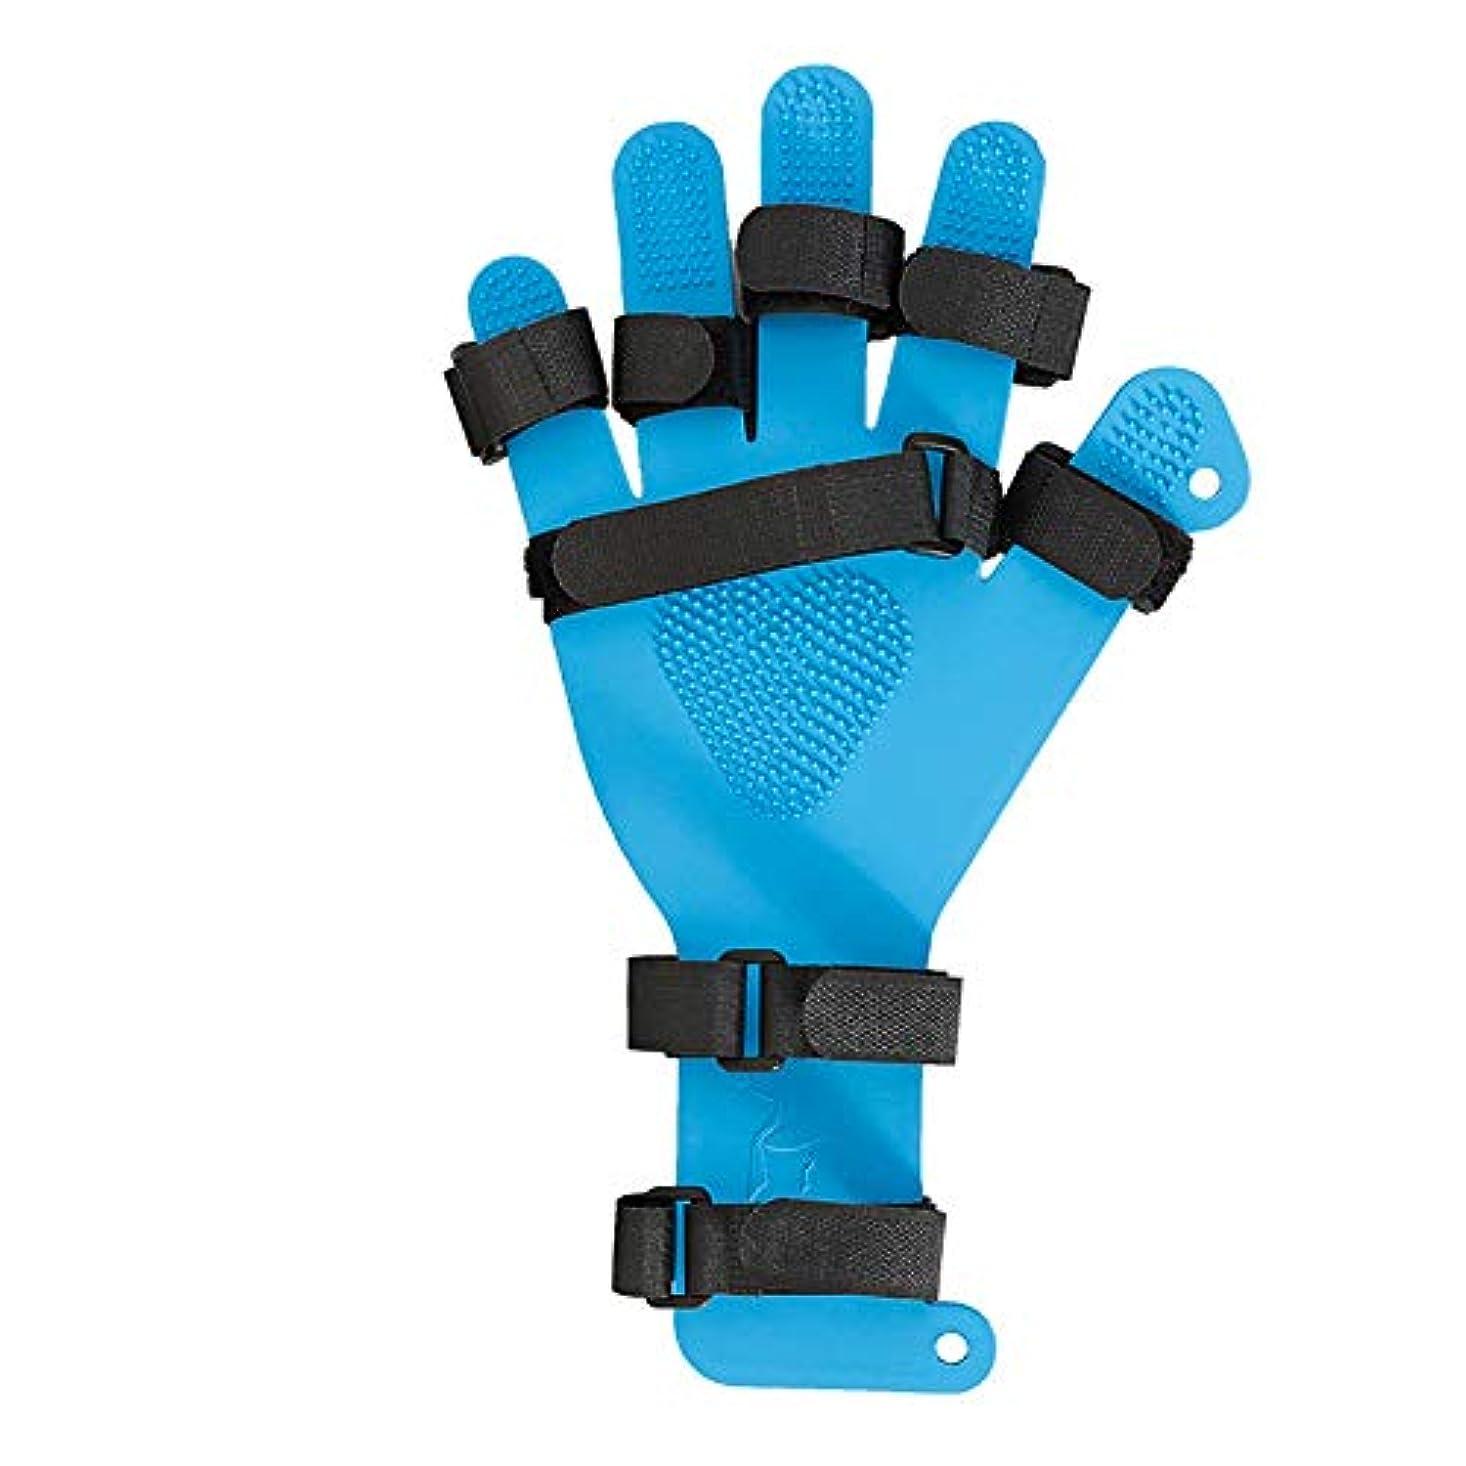 帳面く起こりやすいどちらの手のための手の手首のトレーニング装具調節可能指セパレーター拡張ボード - (Size : Child)